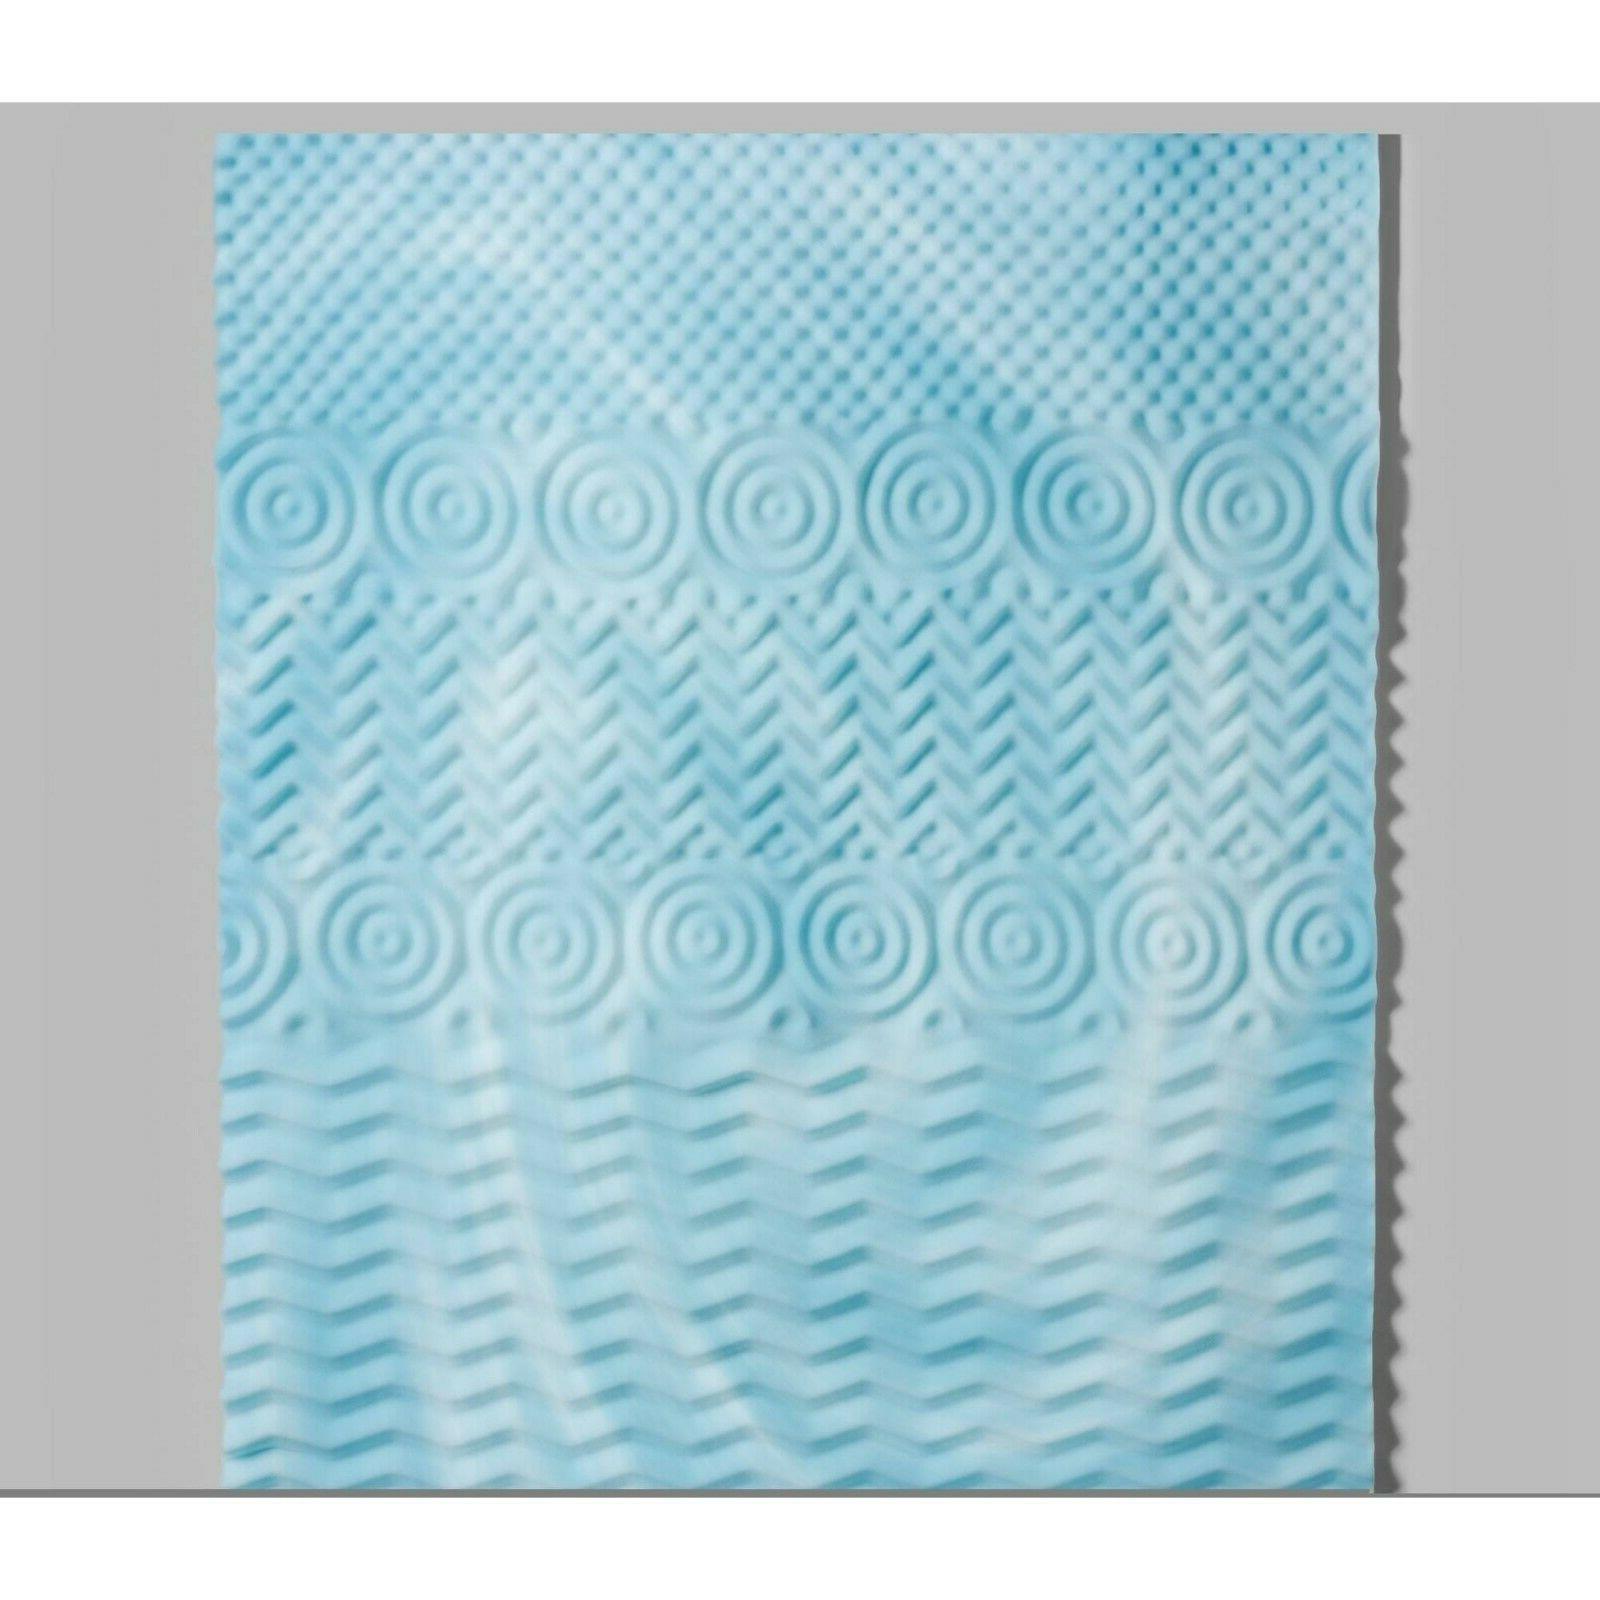 Gel Memory Foam Topper 3-Inch Zoned Size